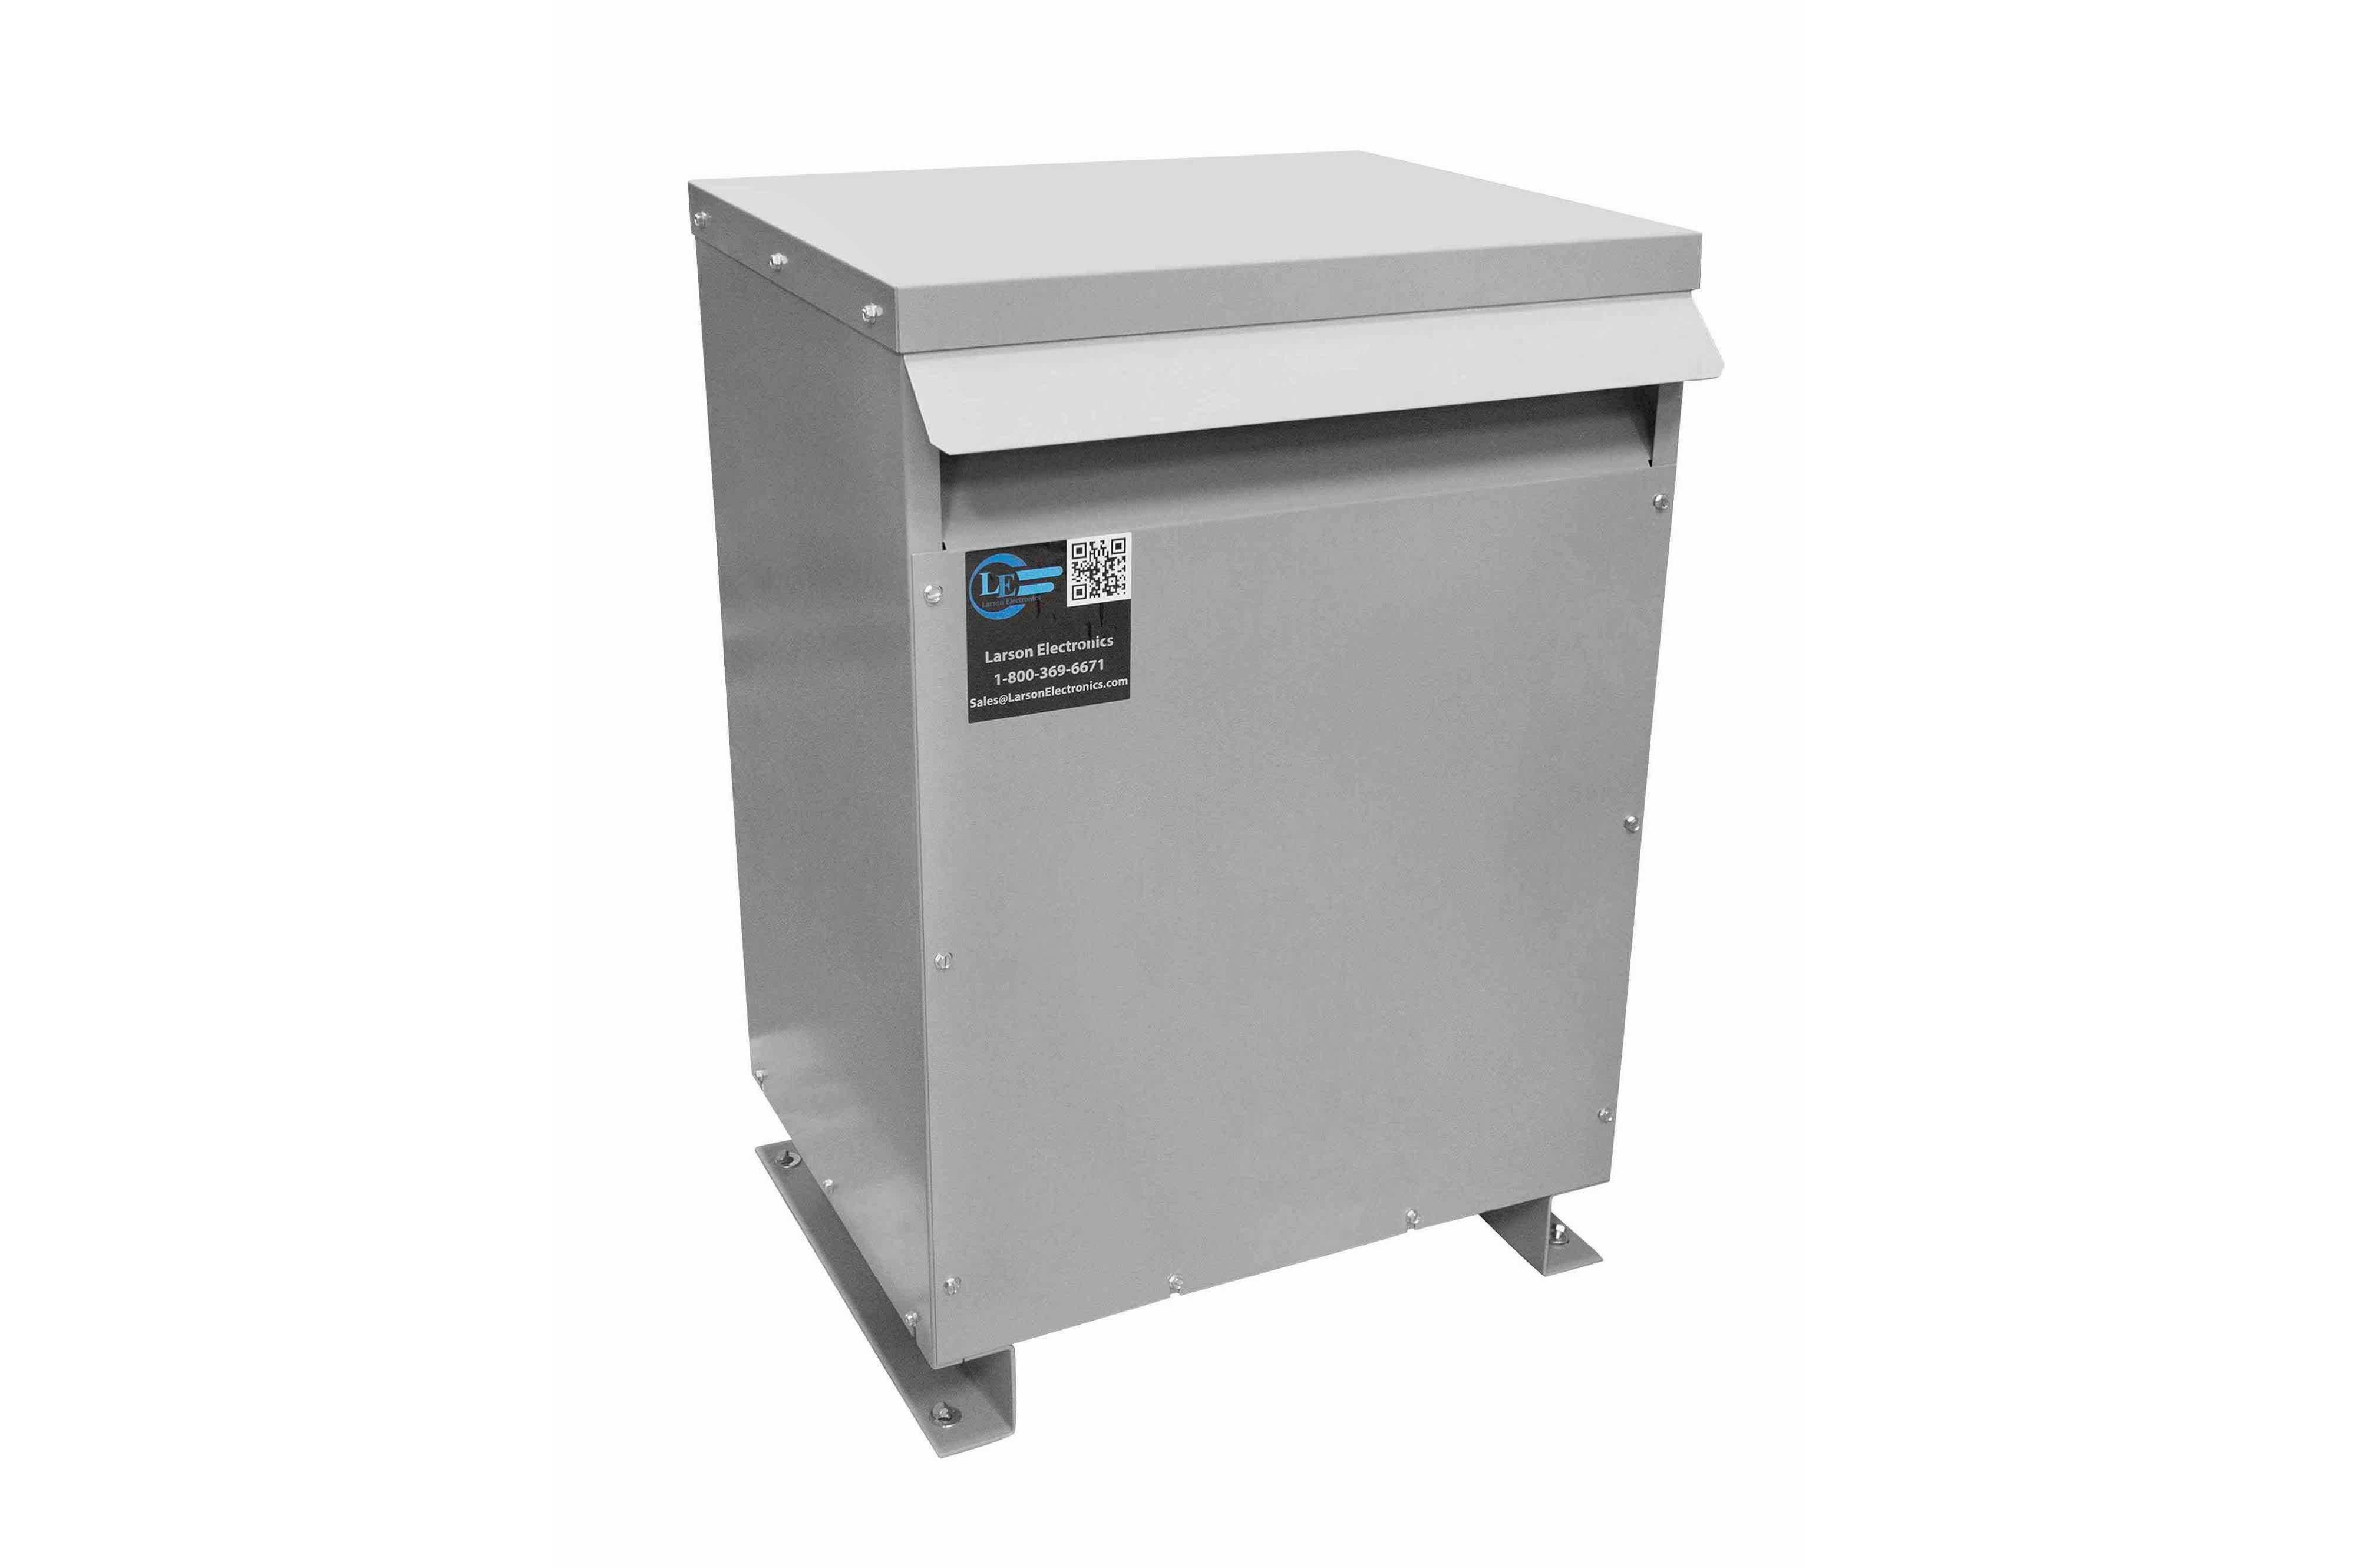 237.5 kVA 3PH Isolation Transformer, 208V Delta Primary, 600V Delta Secondary, N3R, Ventilated, 60 Hz